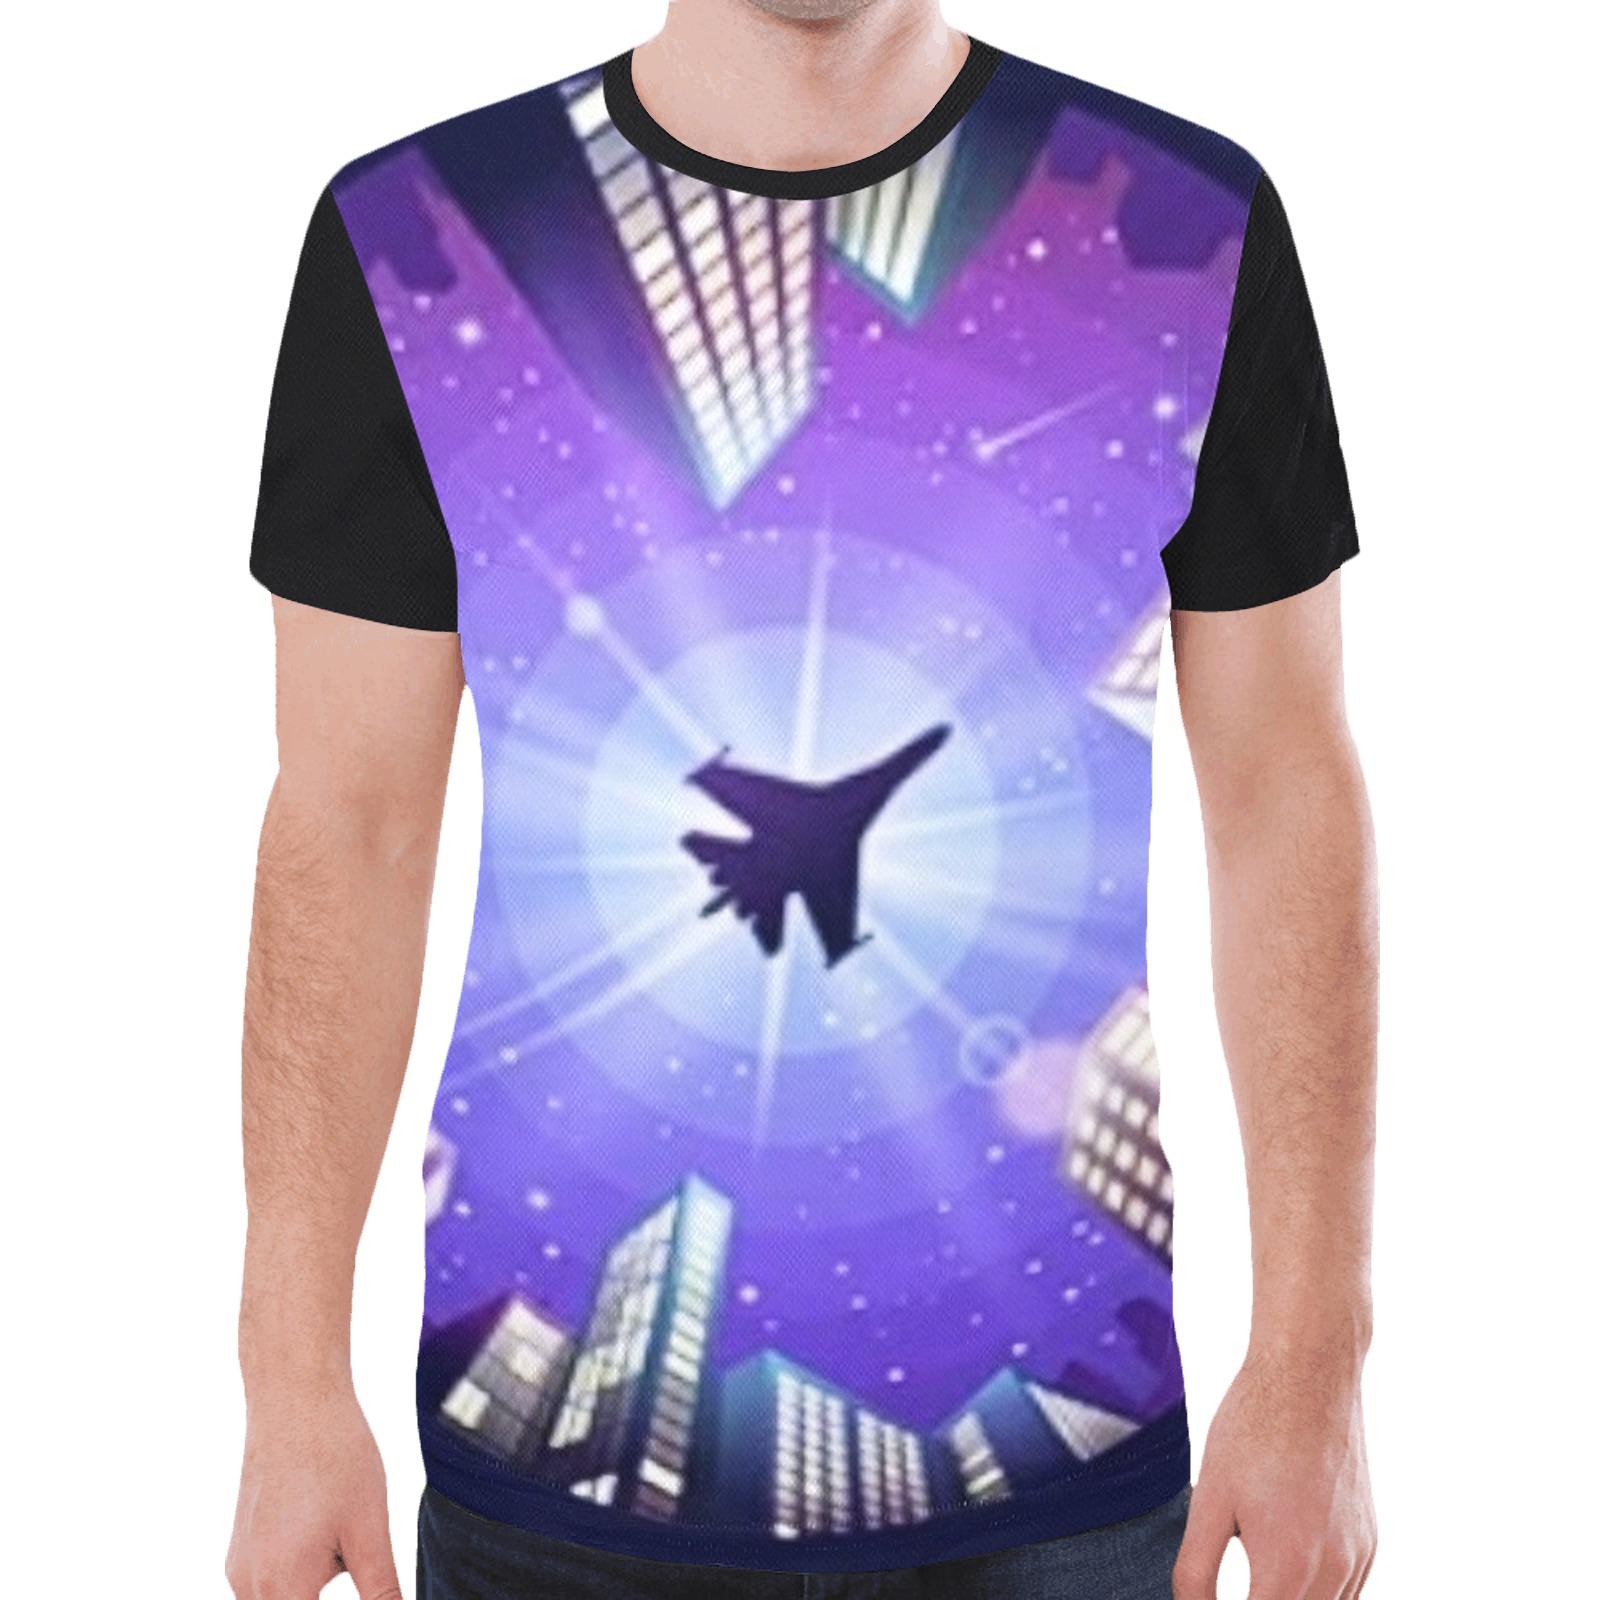 Fighter Jet New All Over Print T-shirt for Men (Model T45)